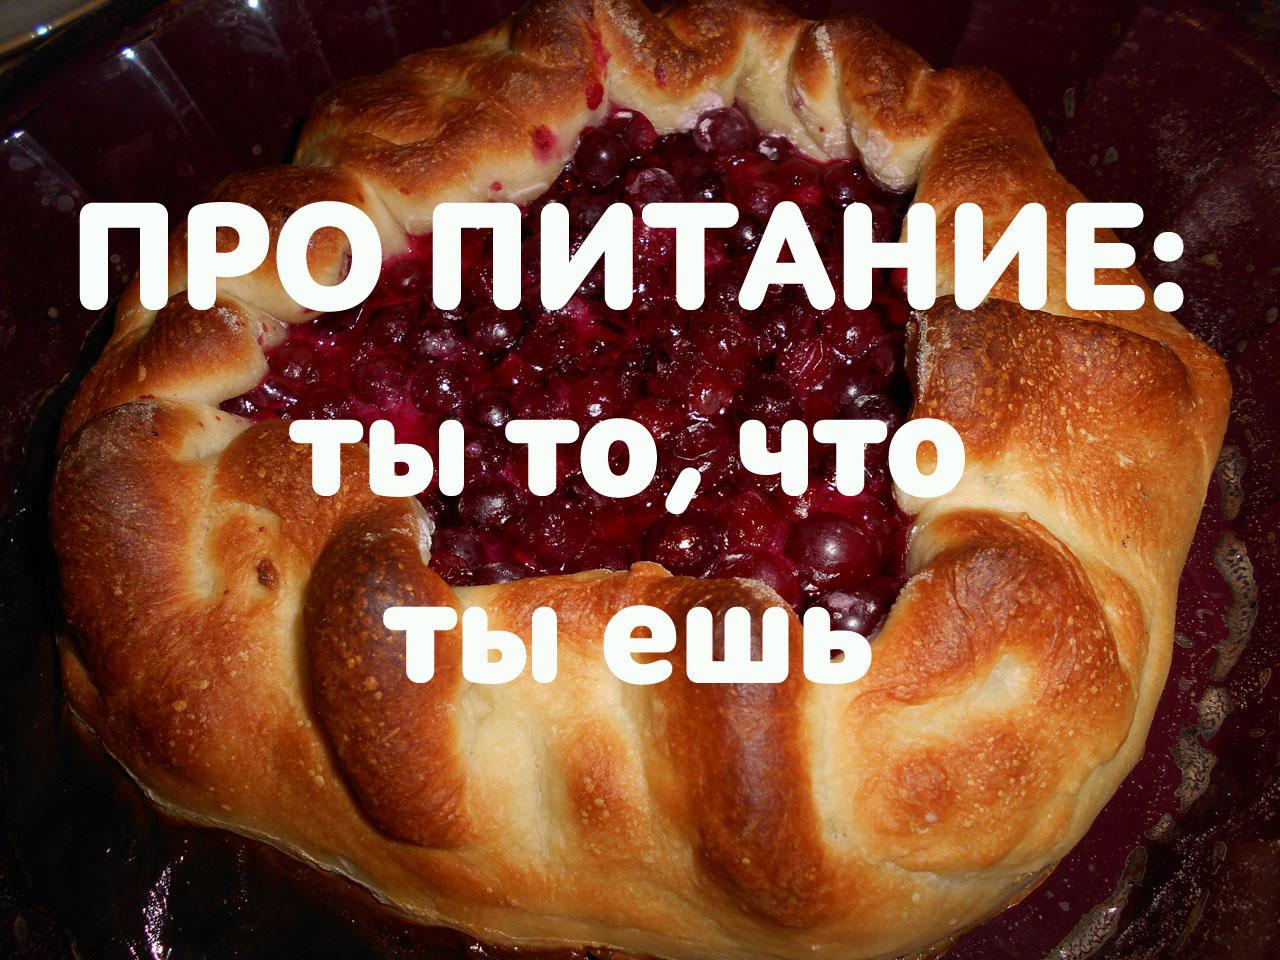 С.Петров Богдан Так ли уж вреден сахар?